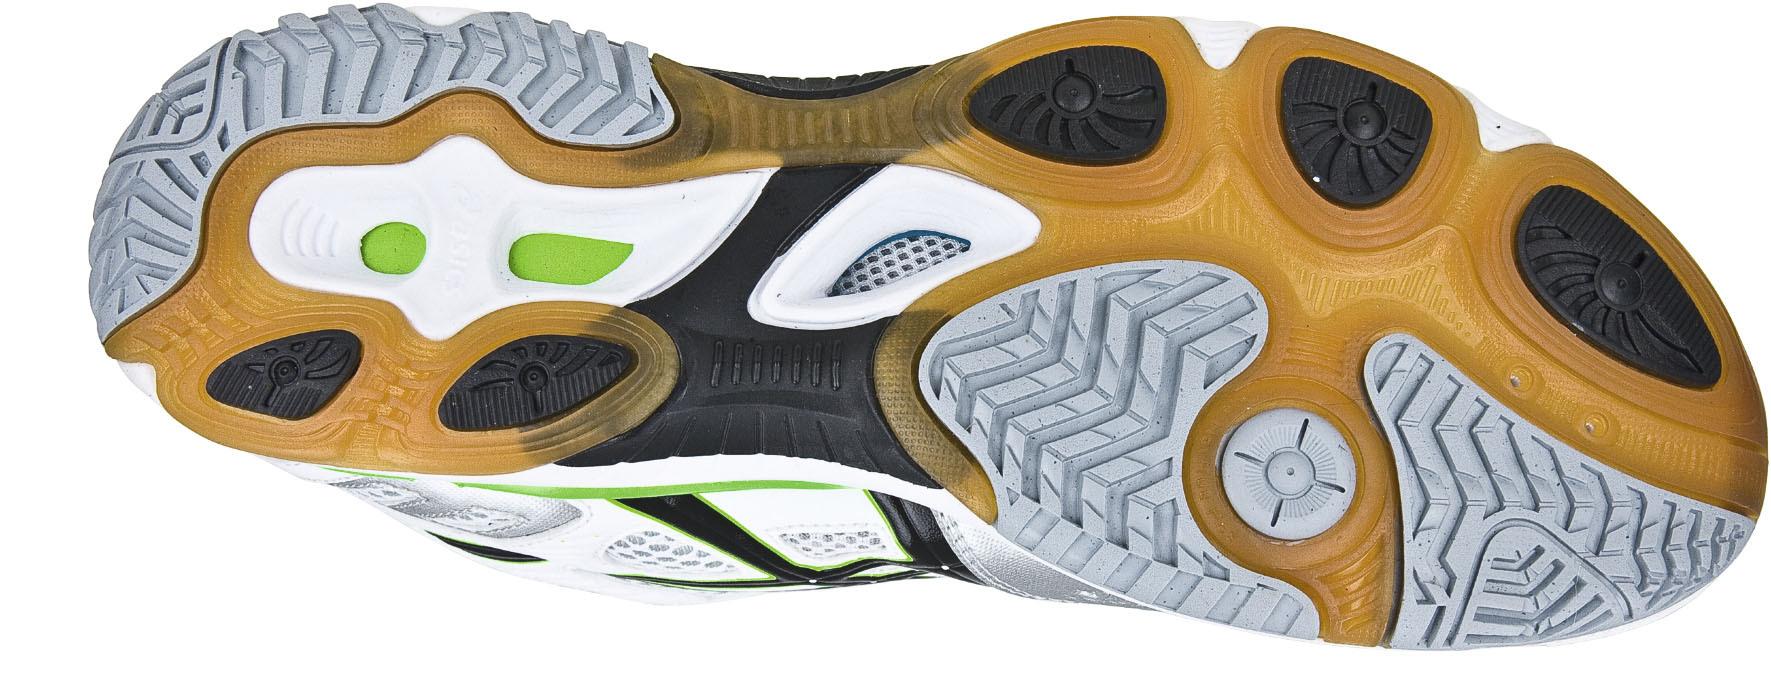 c1b9cef4 Волейбольные мужские кроссовки Asics Gel-Beyond 3 MT (B204Y 0190) |  Five-sport.ru